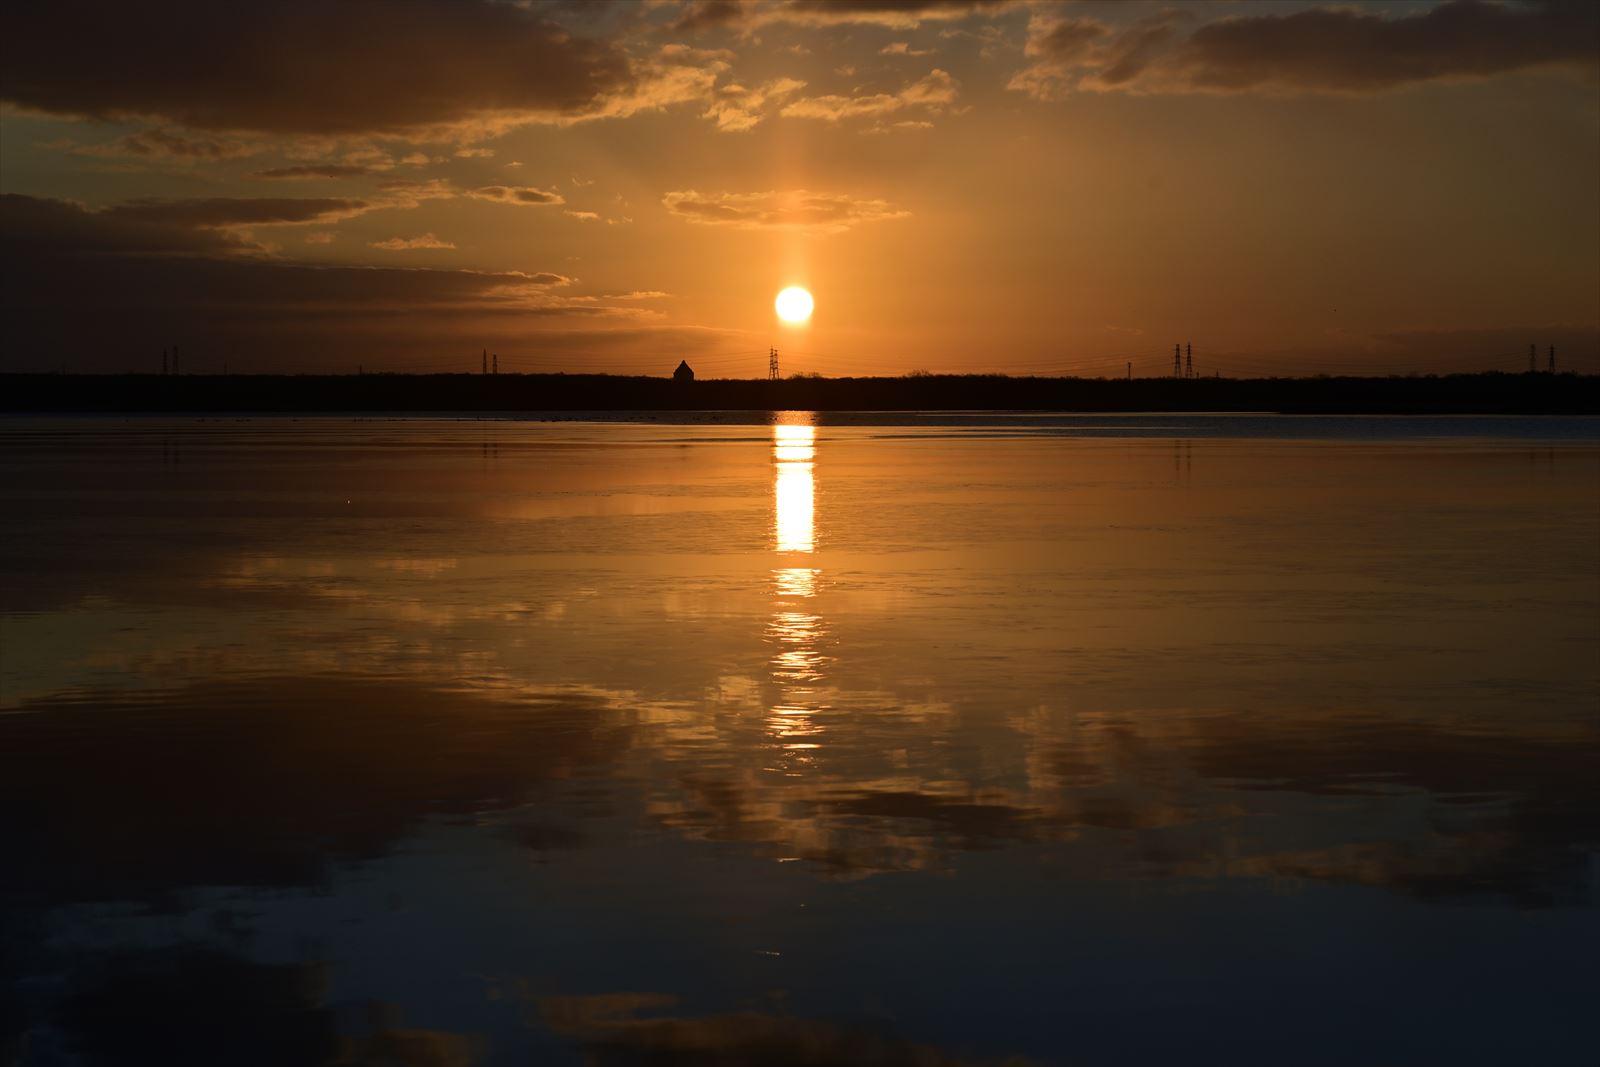 ウトナイ湖の朝日_a0145819_17145792.jpg